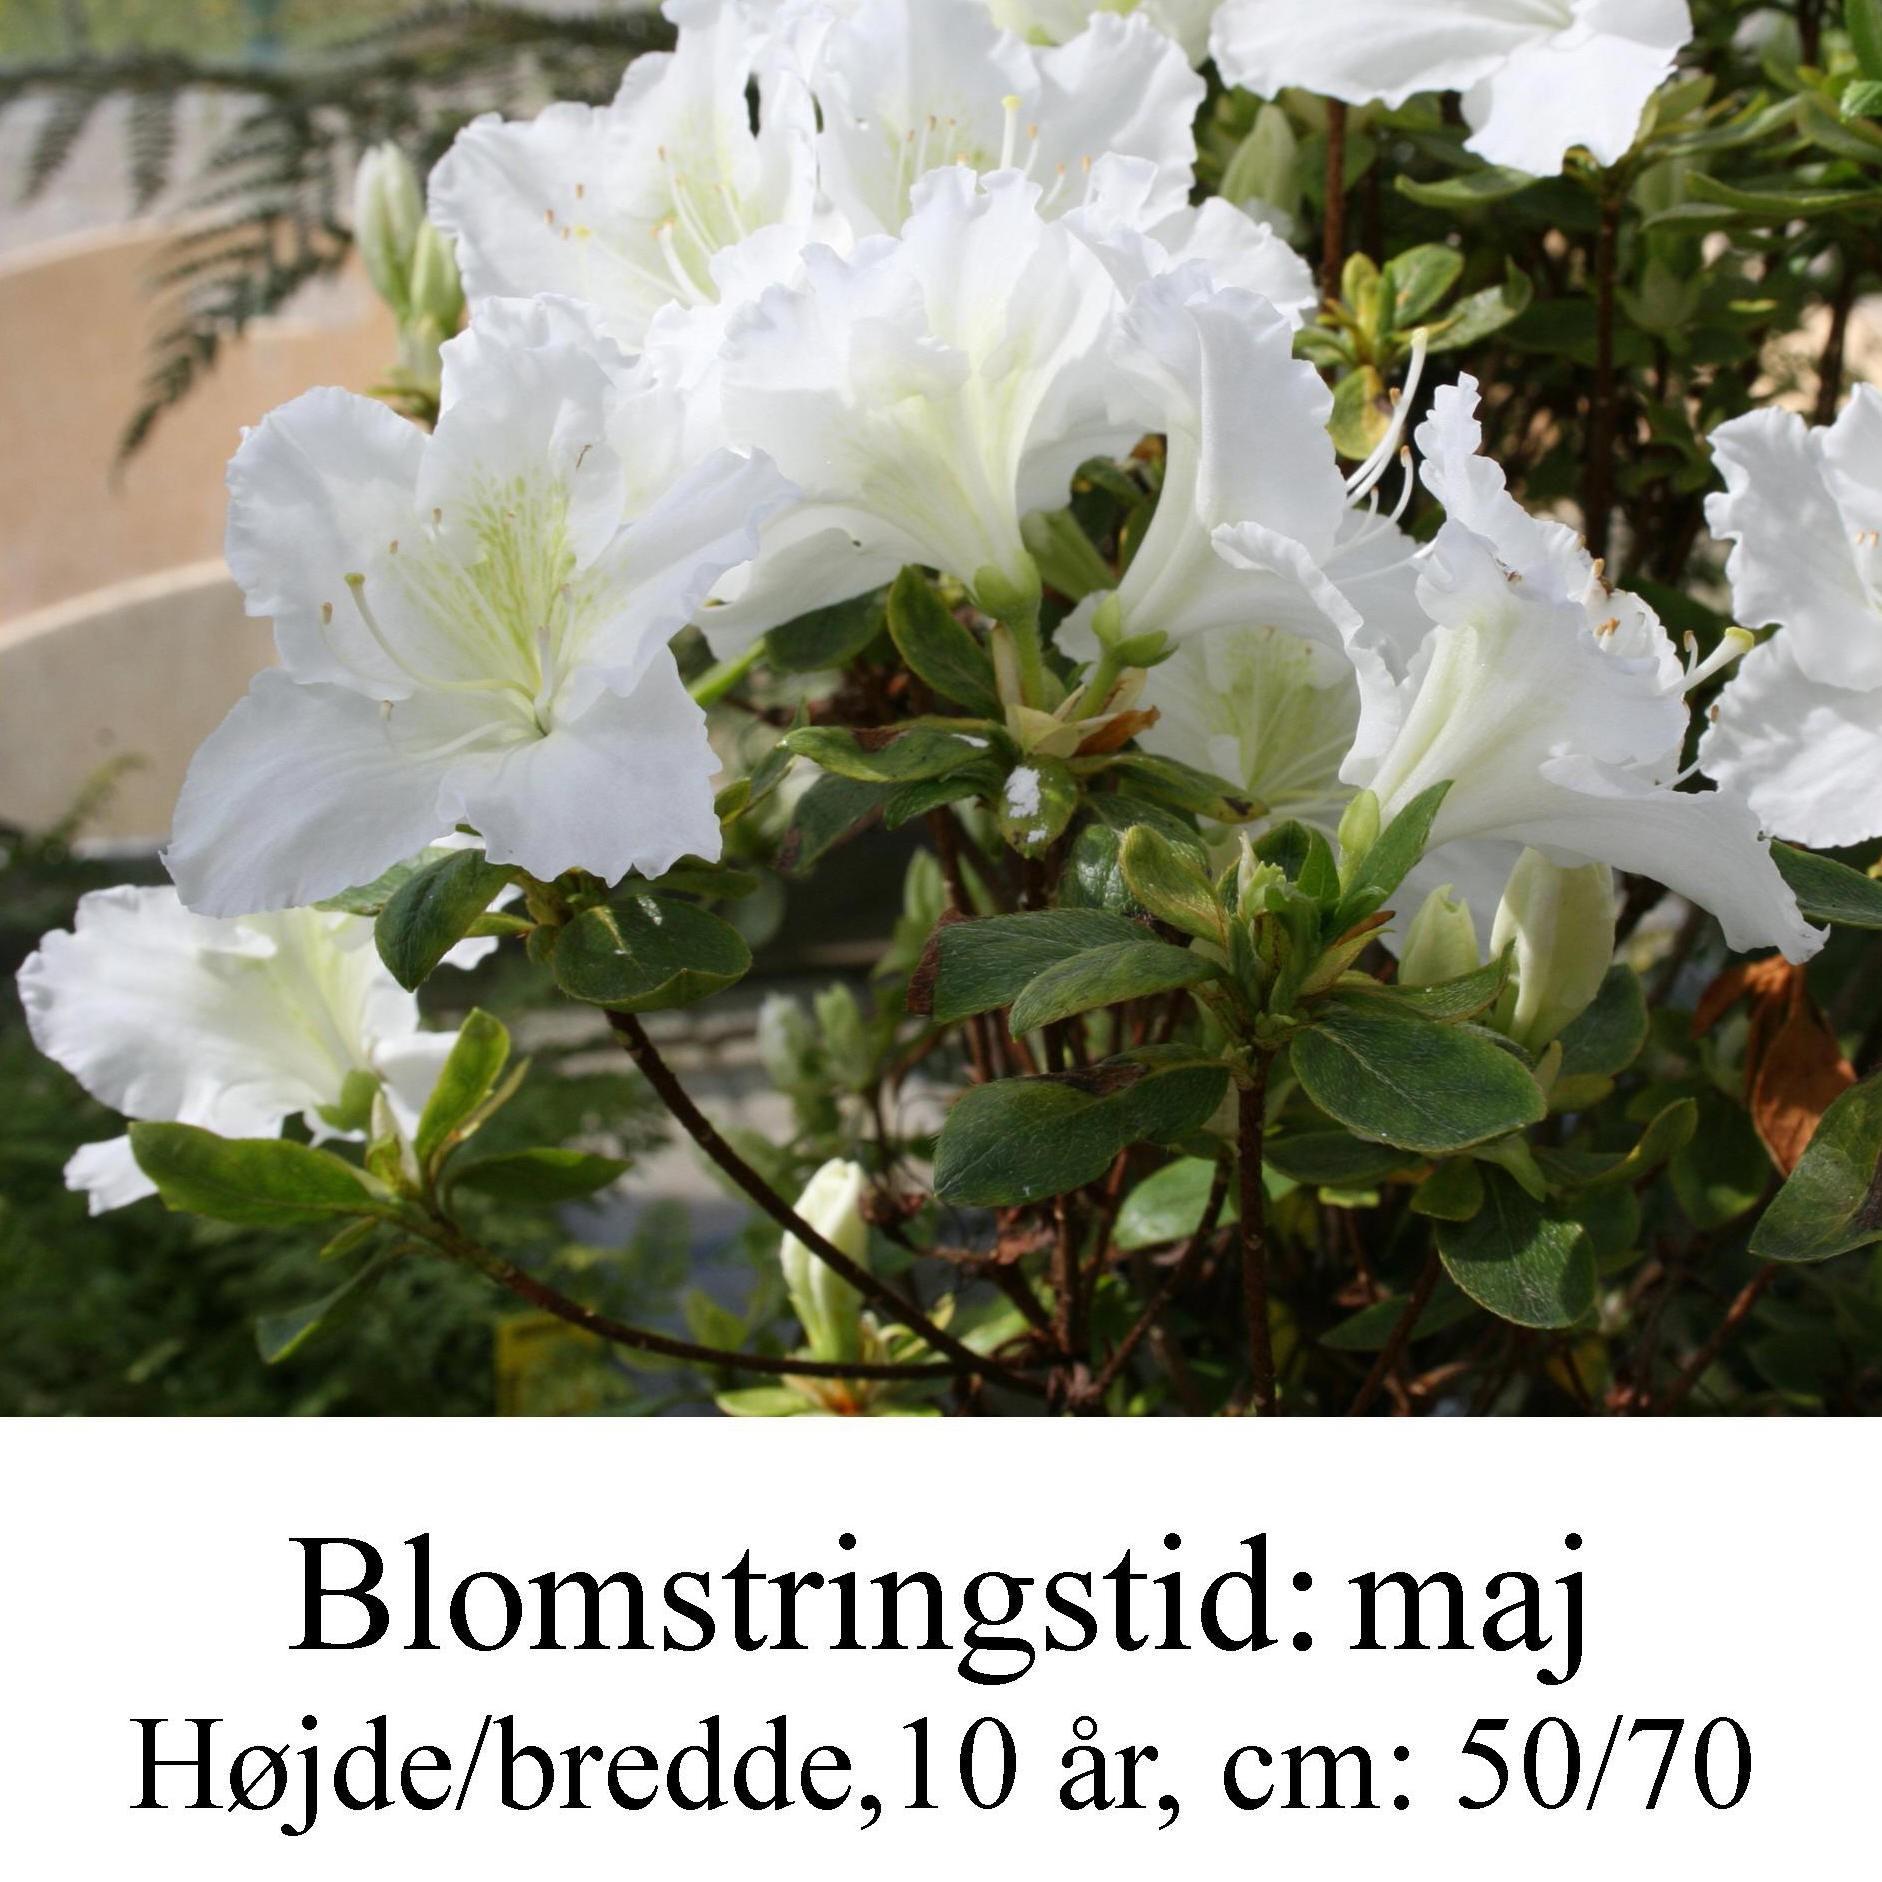 rhododendron Maischnee